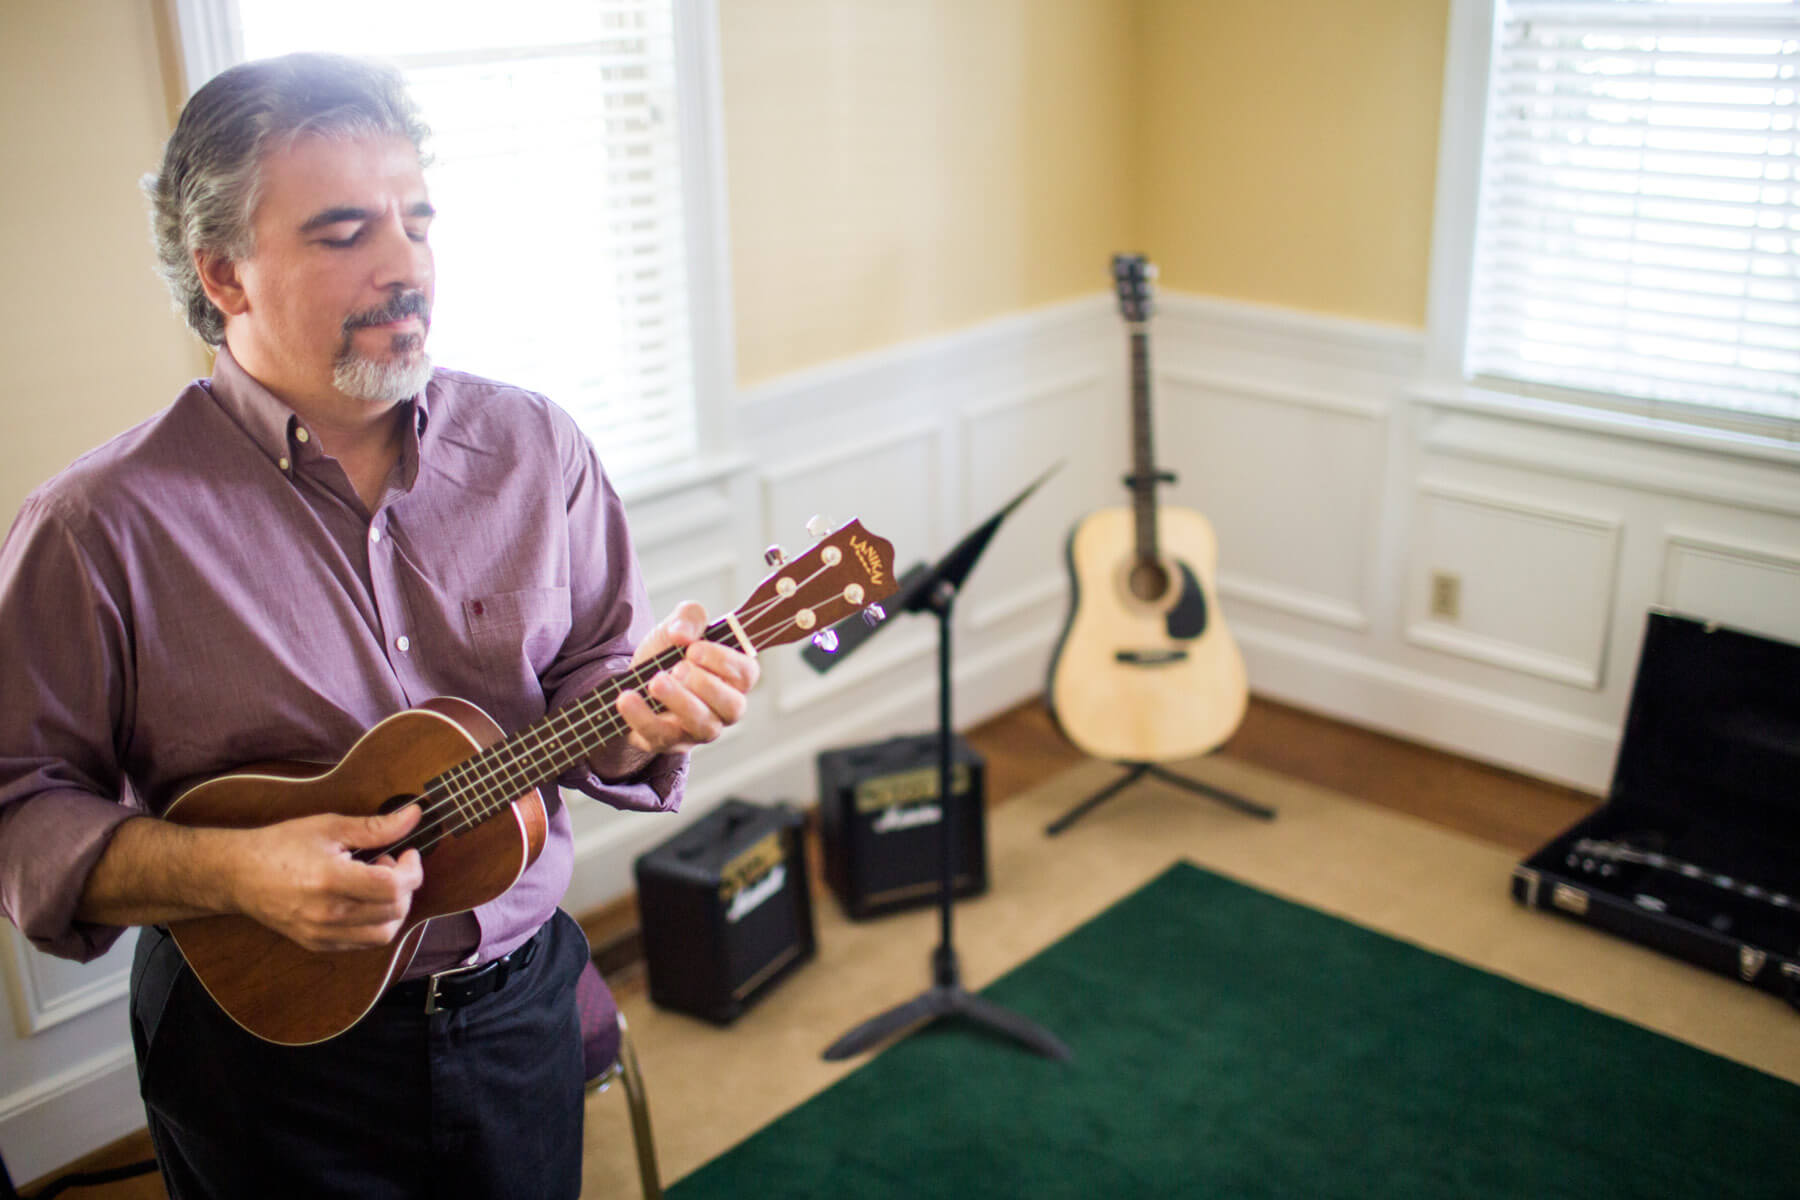 Man plays ukulele at Irmo Music Academy